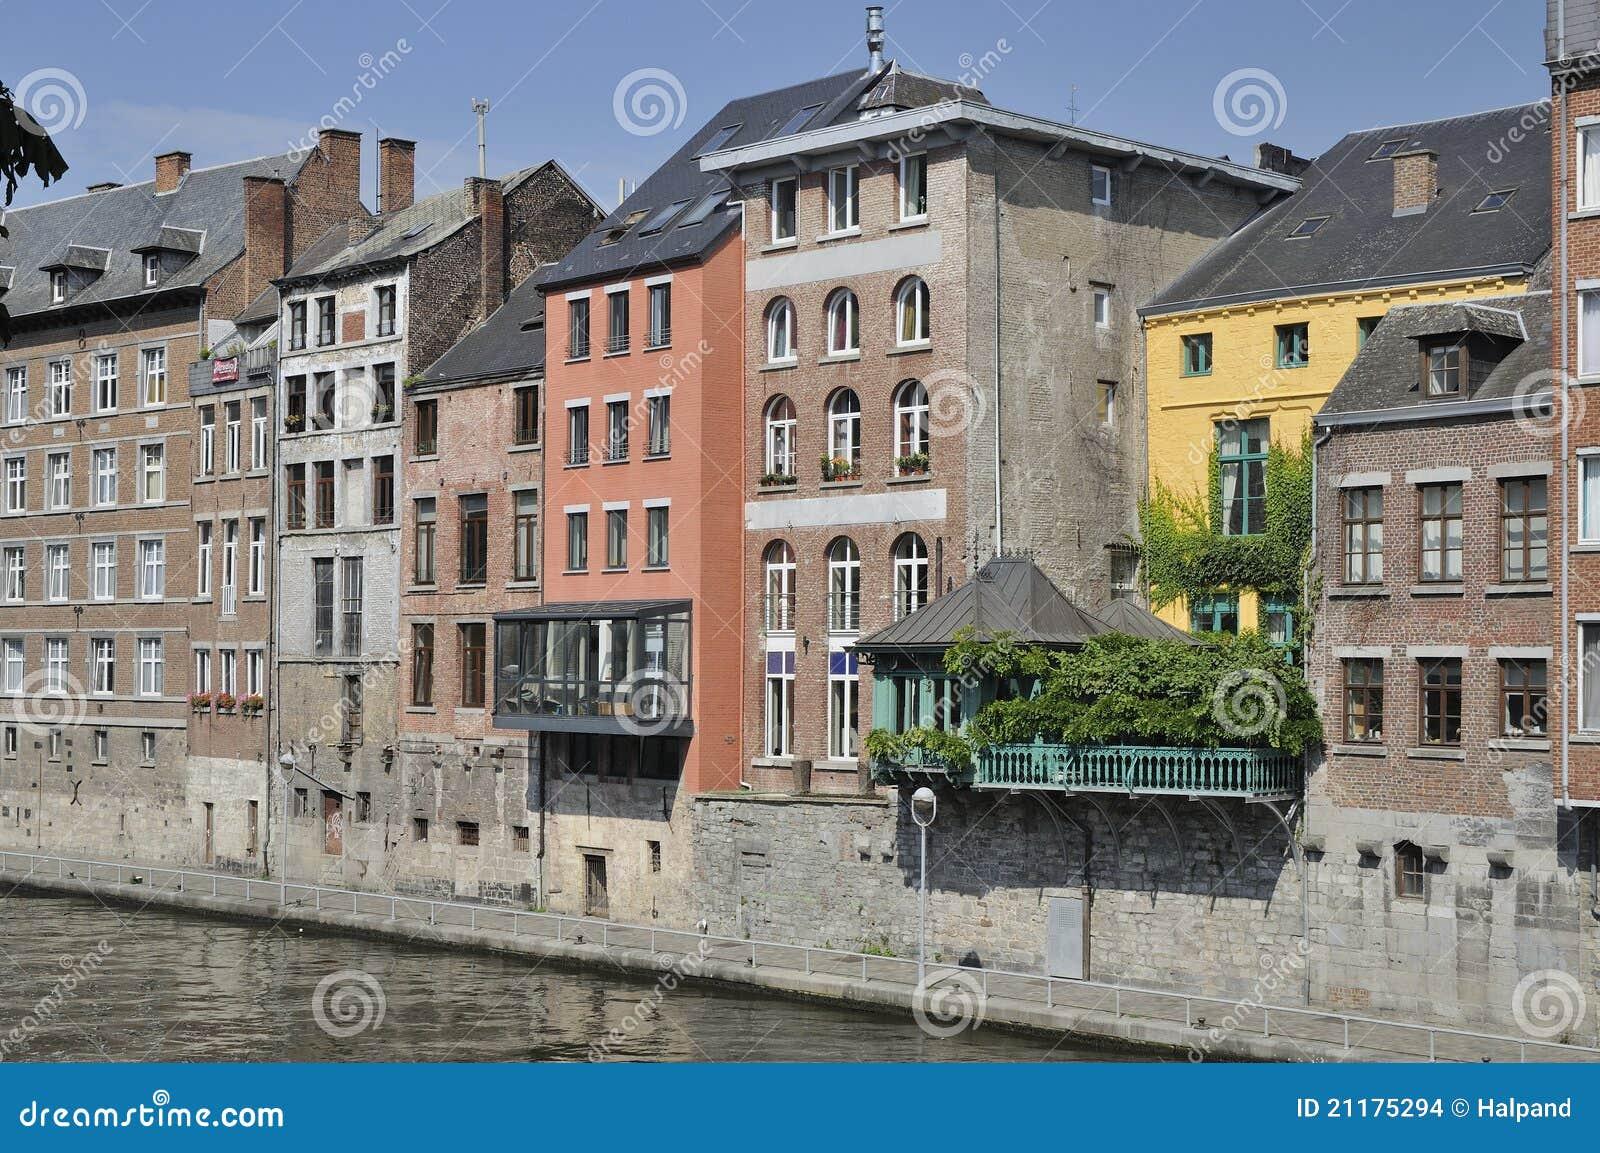 Houses on sambre river, namur